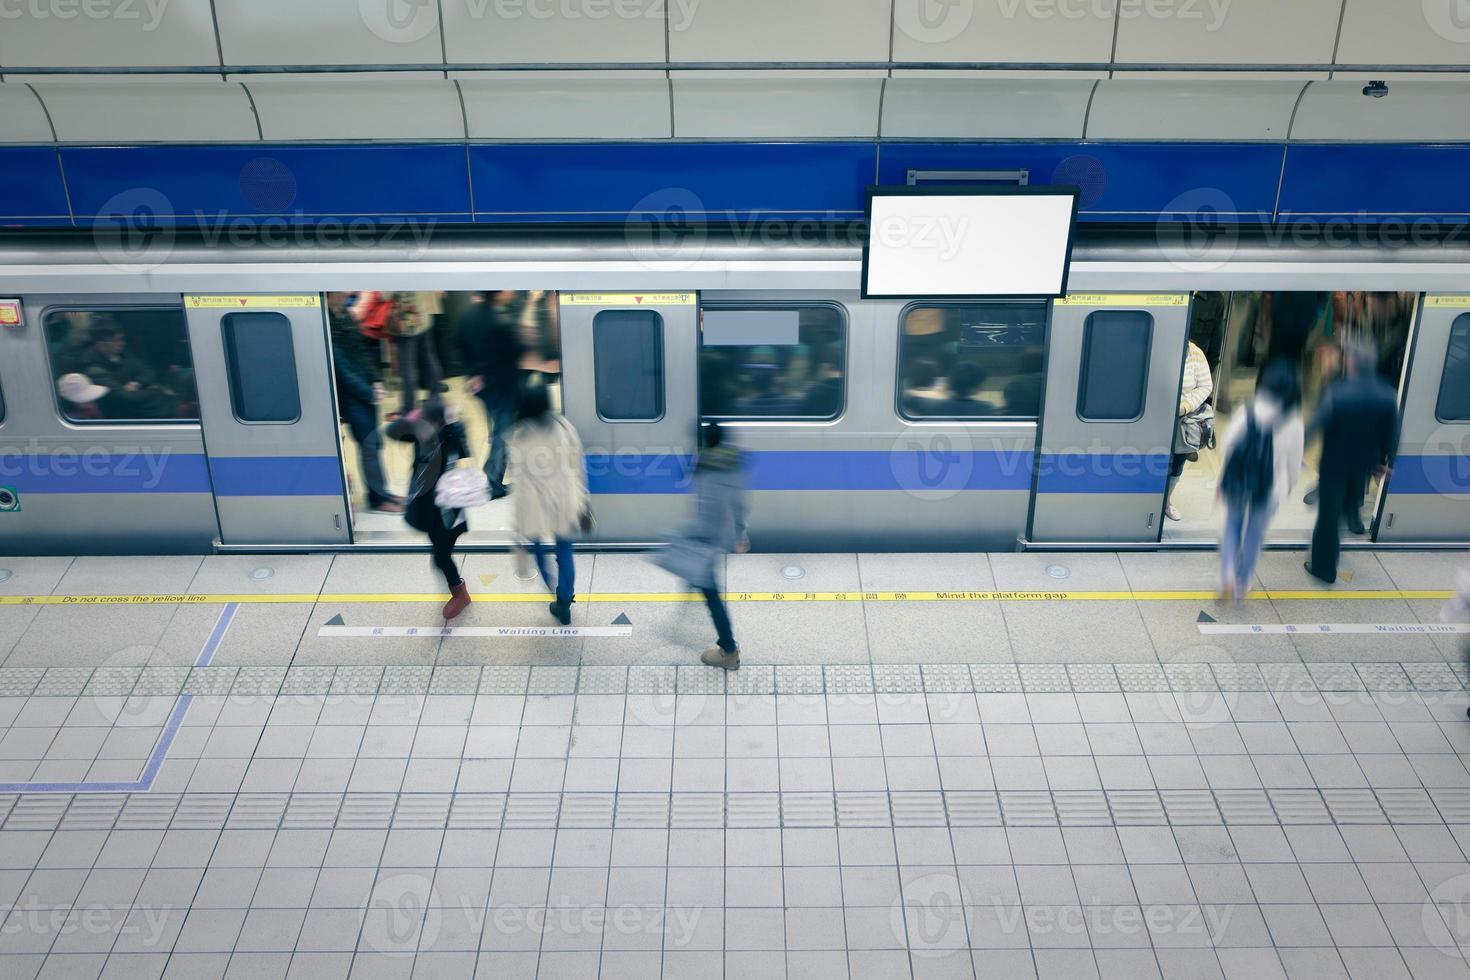 Umziehende Personen steigen an der U-Bahn-Station in den Wagen foto